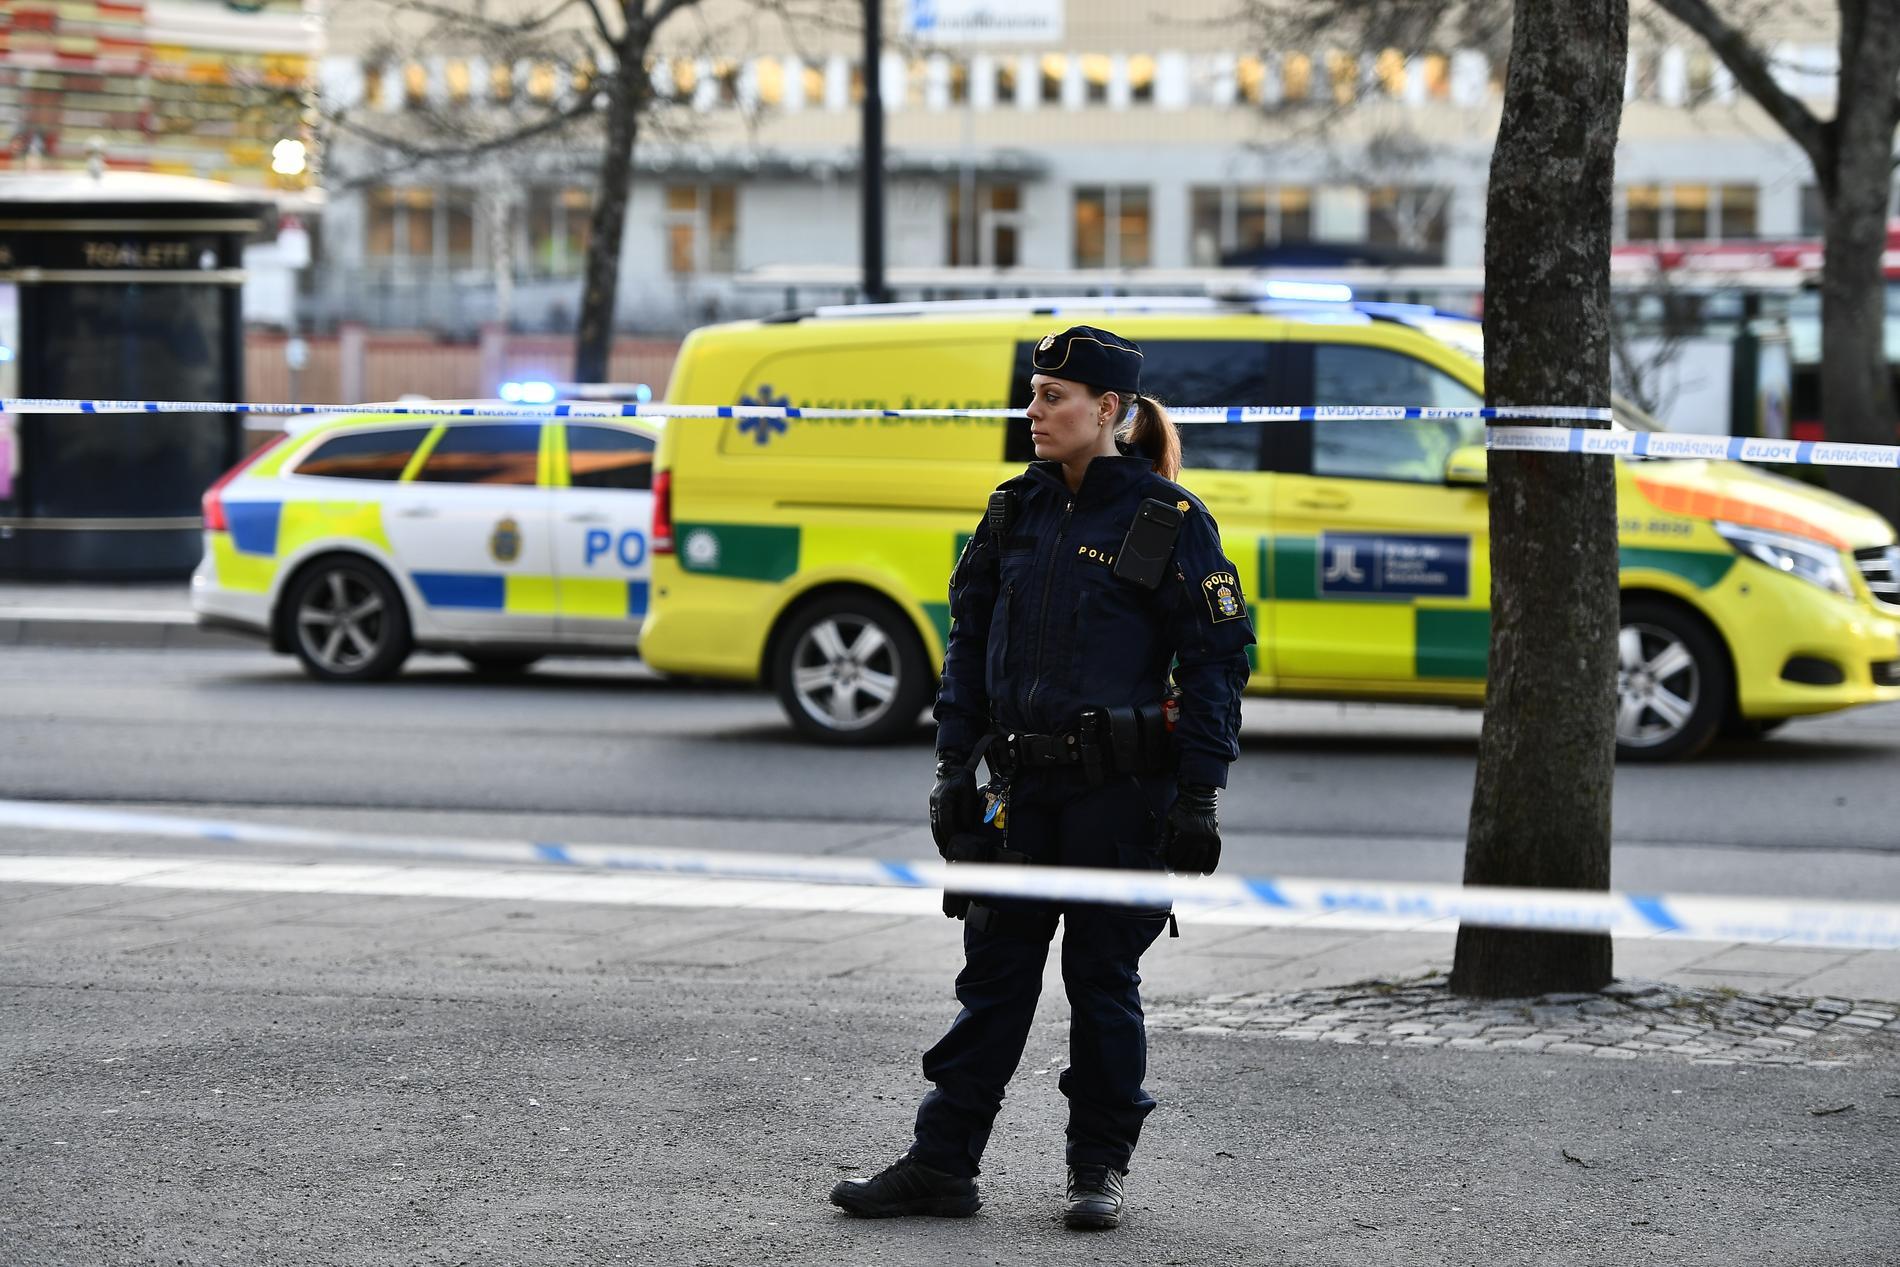 Polisen larmades om en skadad person vid ett torg i Sollentuna centrum klockan 14.12 på torsdagen.